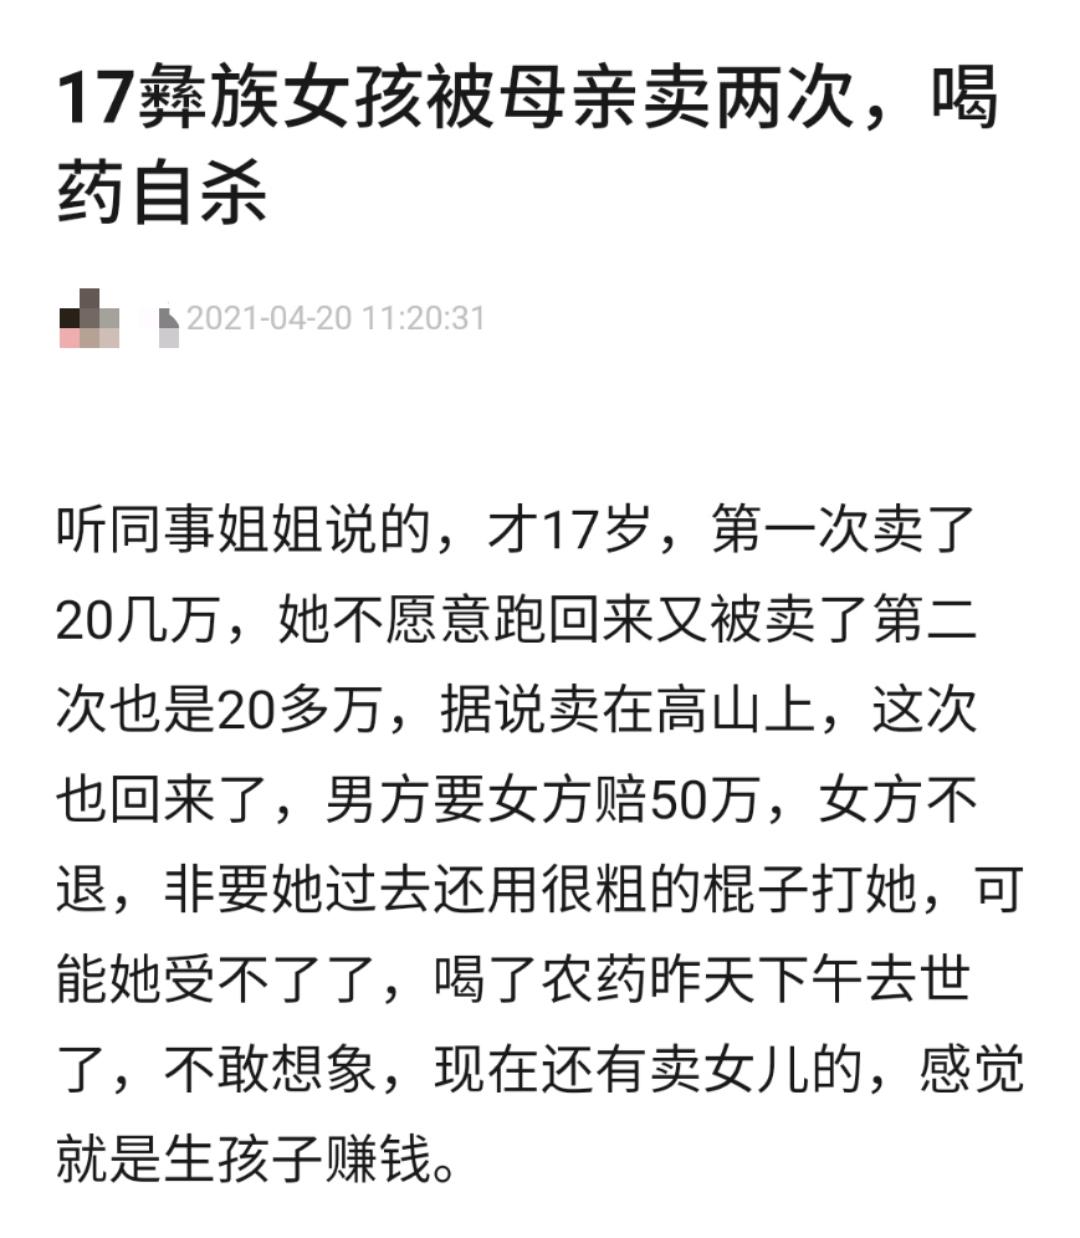 有豆瓣网友发帖称,雅安市荥经县新添镇庙岗村一名17岁女孩曾两次被母亲卖掉,逃回家后被殴打,最终无法忍受喝药自杀。(来源:截图)